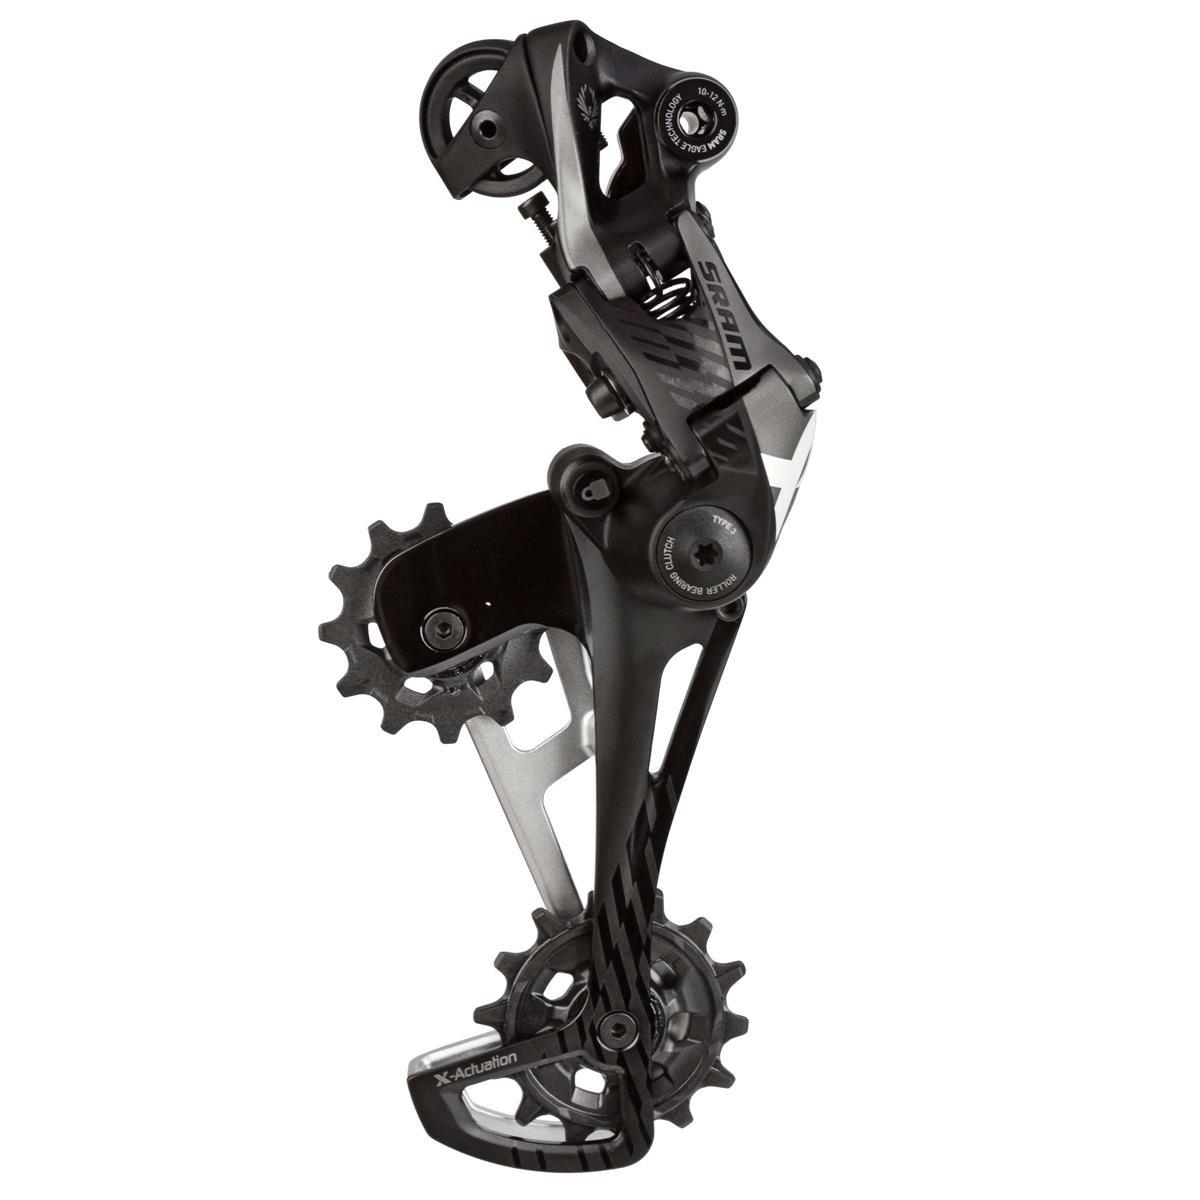 SRAM Schaltwerk X01 Eagle Type 3.0 Schwarz, 12-fach, X-Horizon